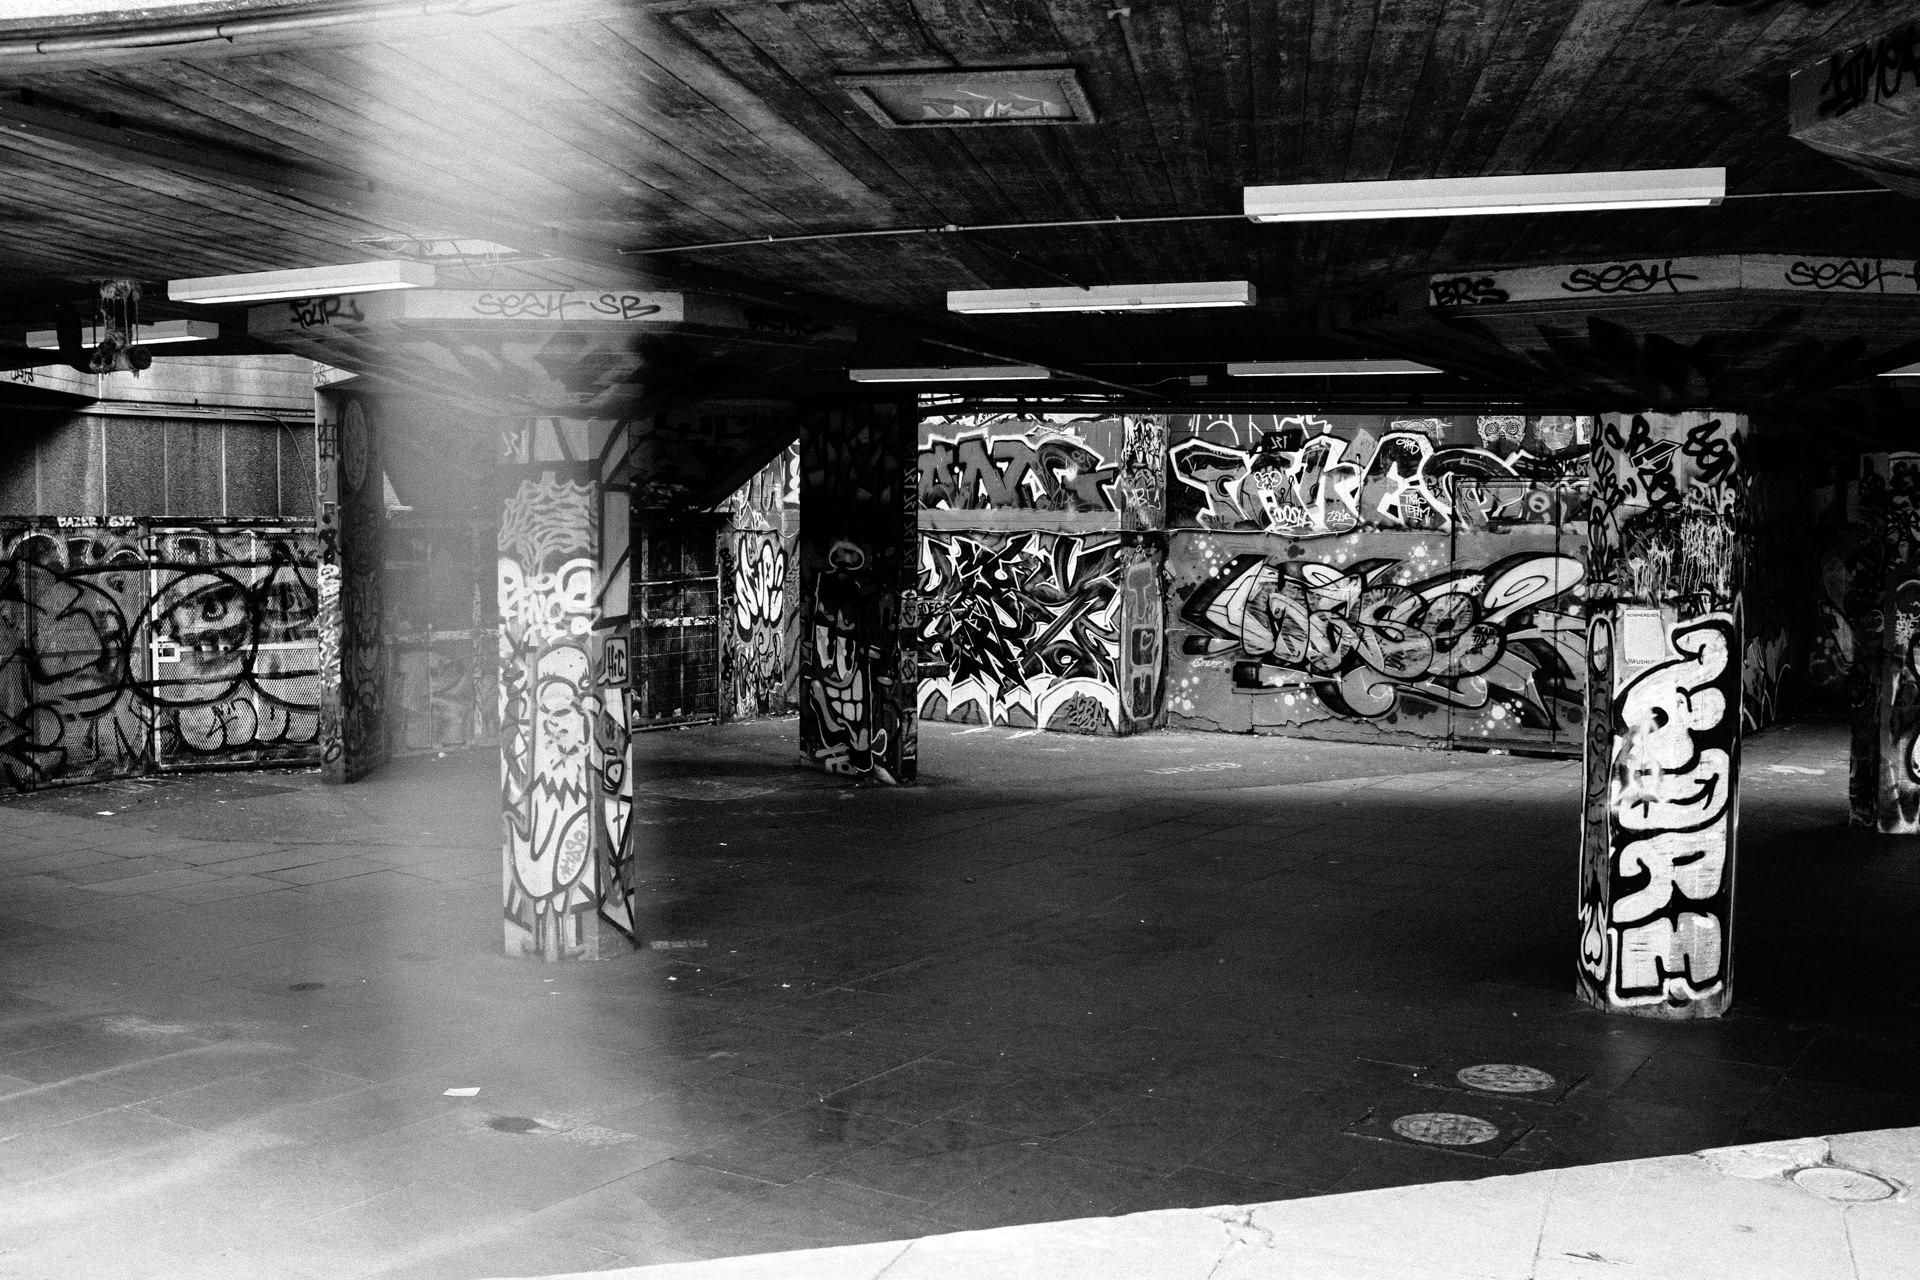 waterloo skate park empty